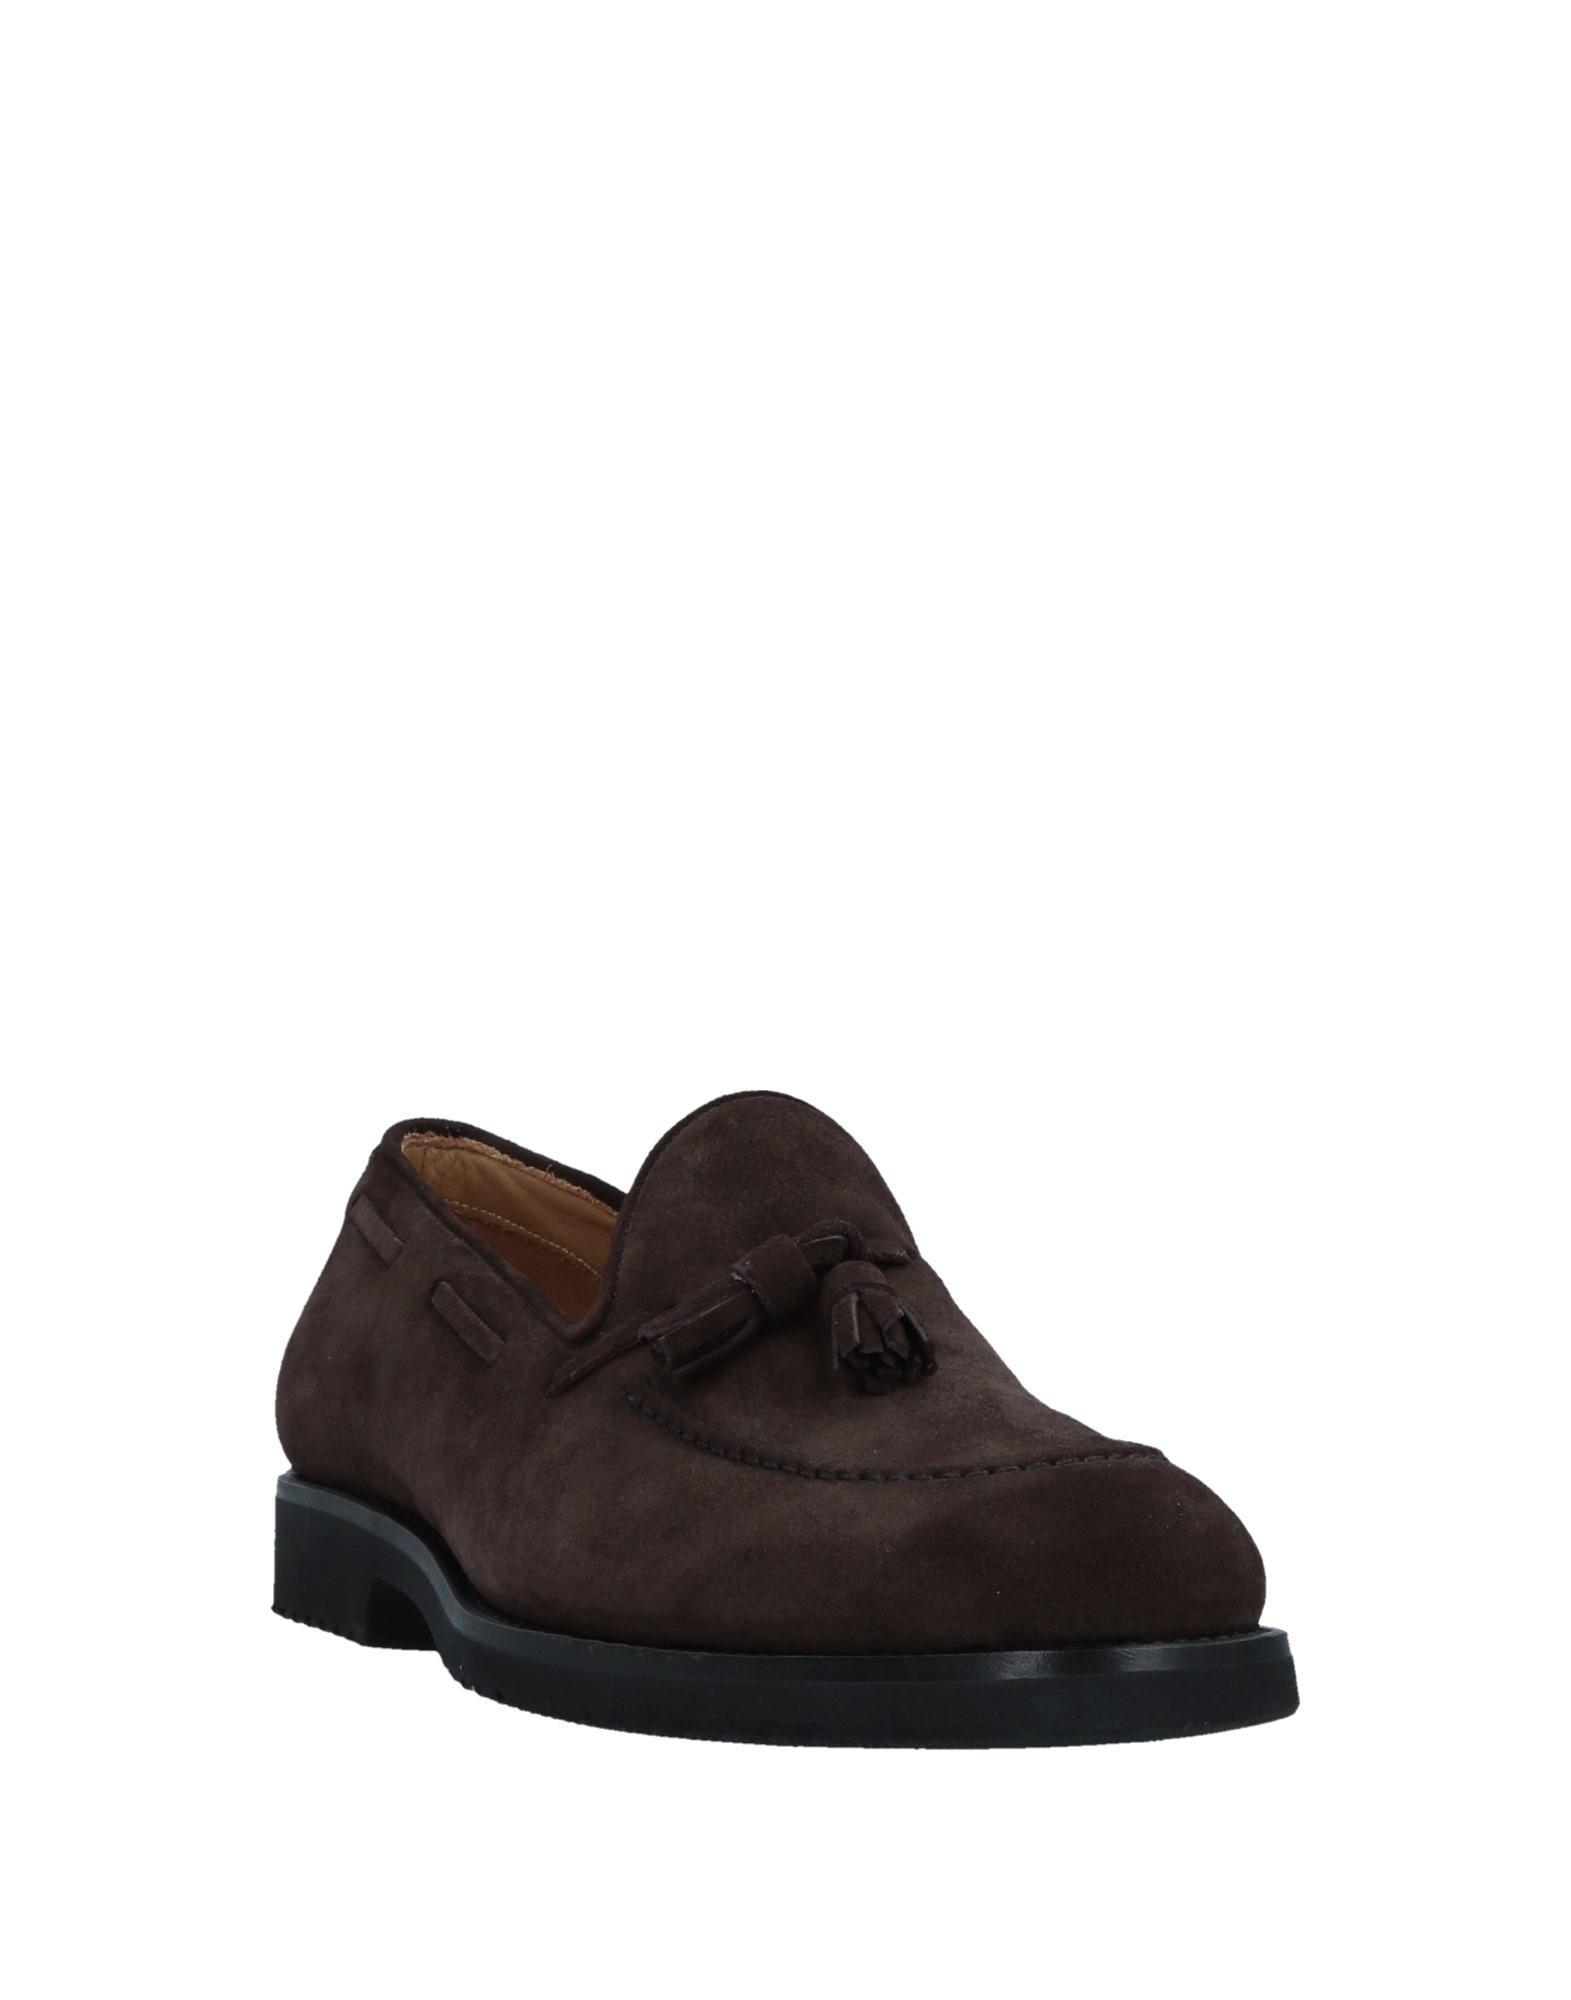 Herren Aranth Mokassins Herren   11517155XI Heiße Schuhe c59ba4